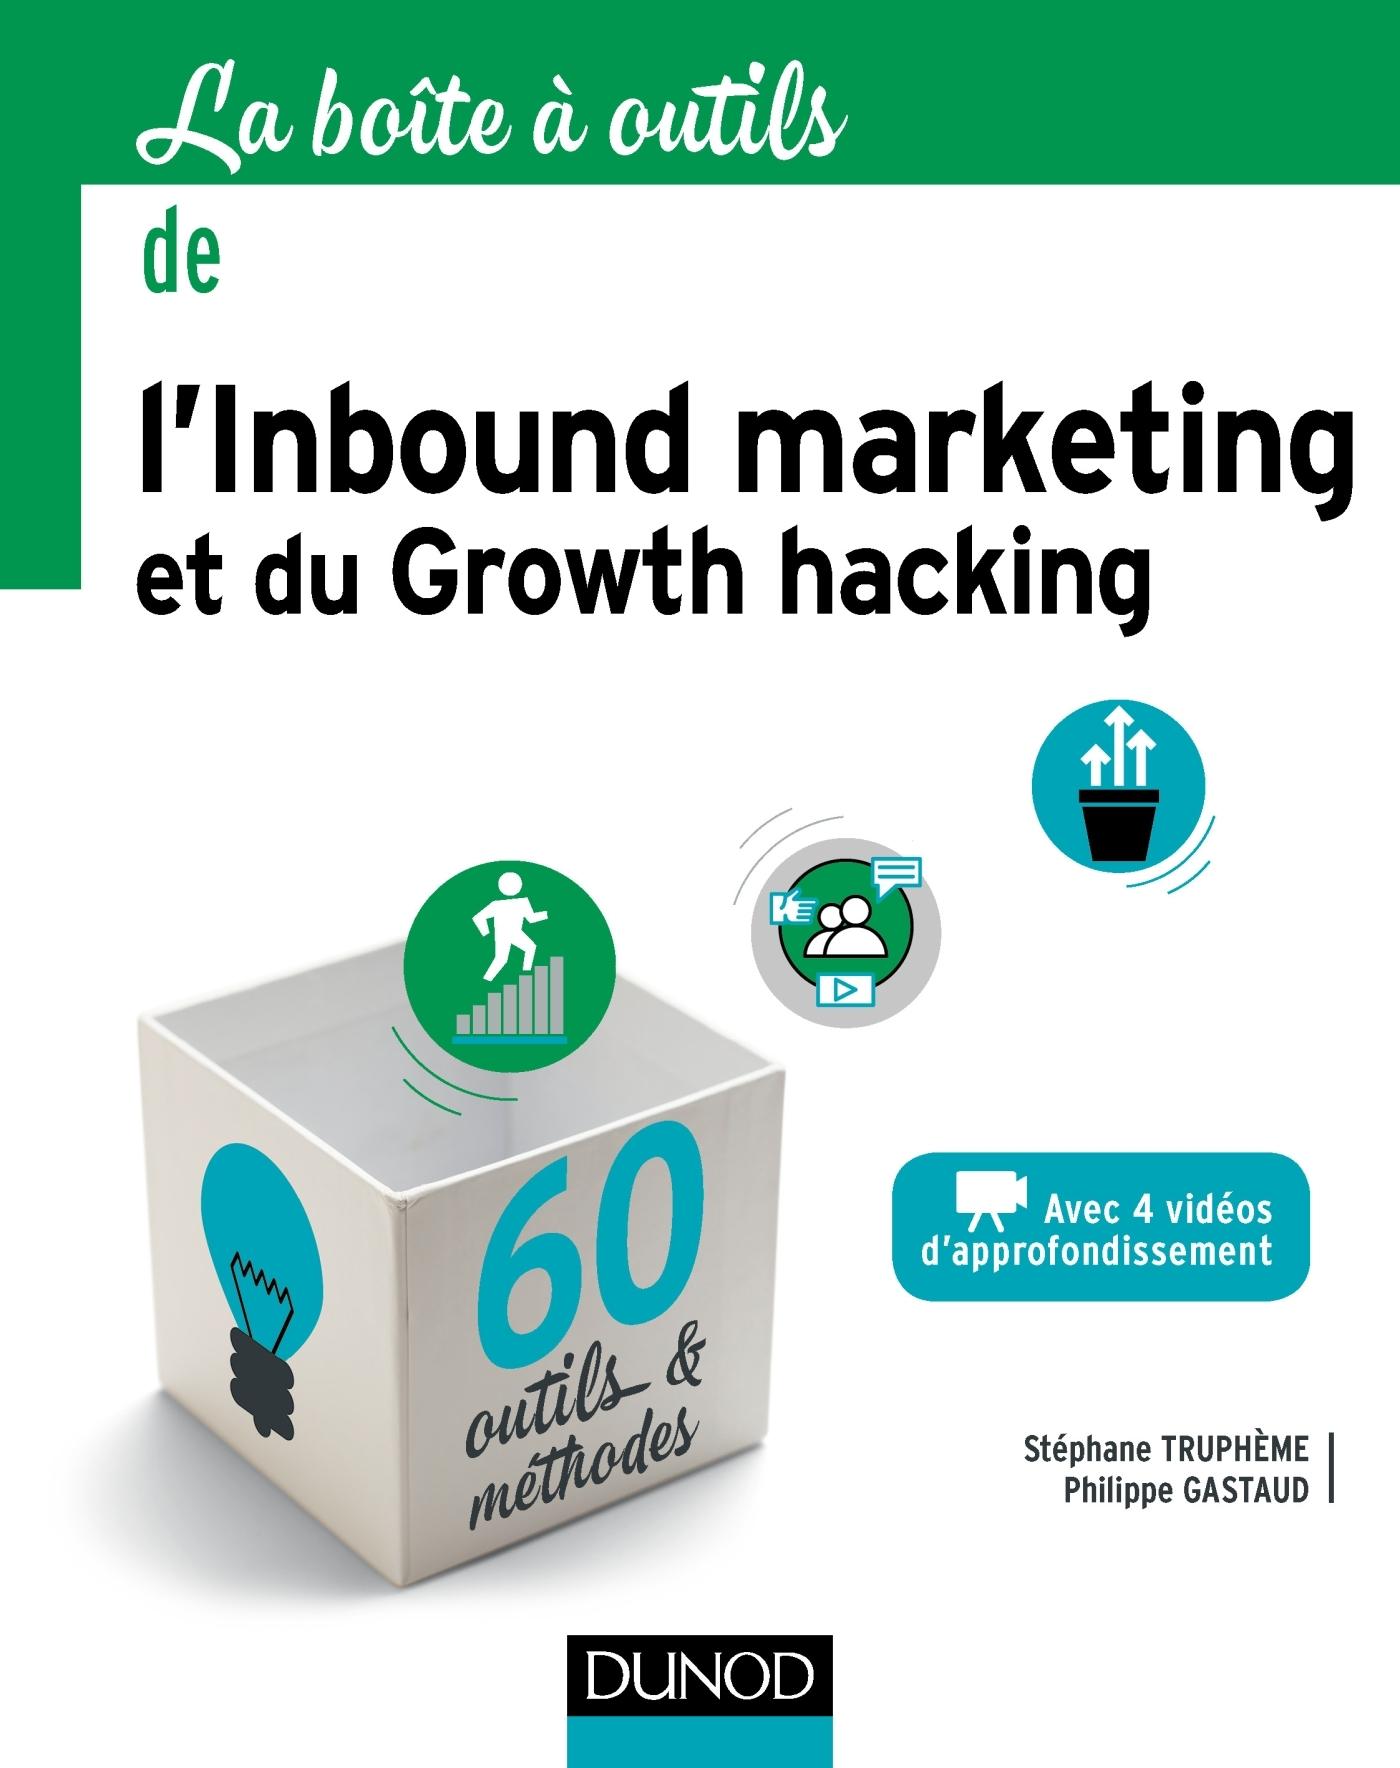 LA BOITE A OUTILS DE L'INBOUND MARKETING ET DU GROWTH HACKING